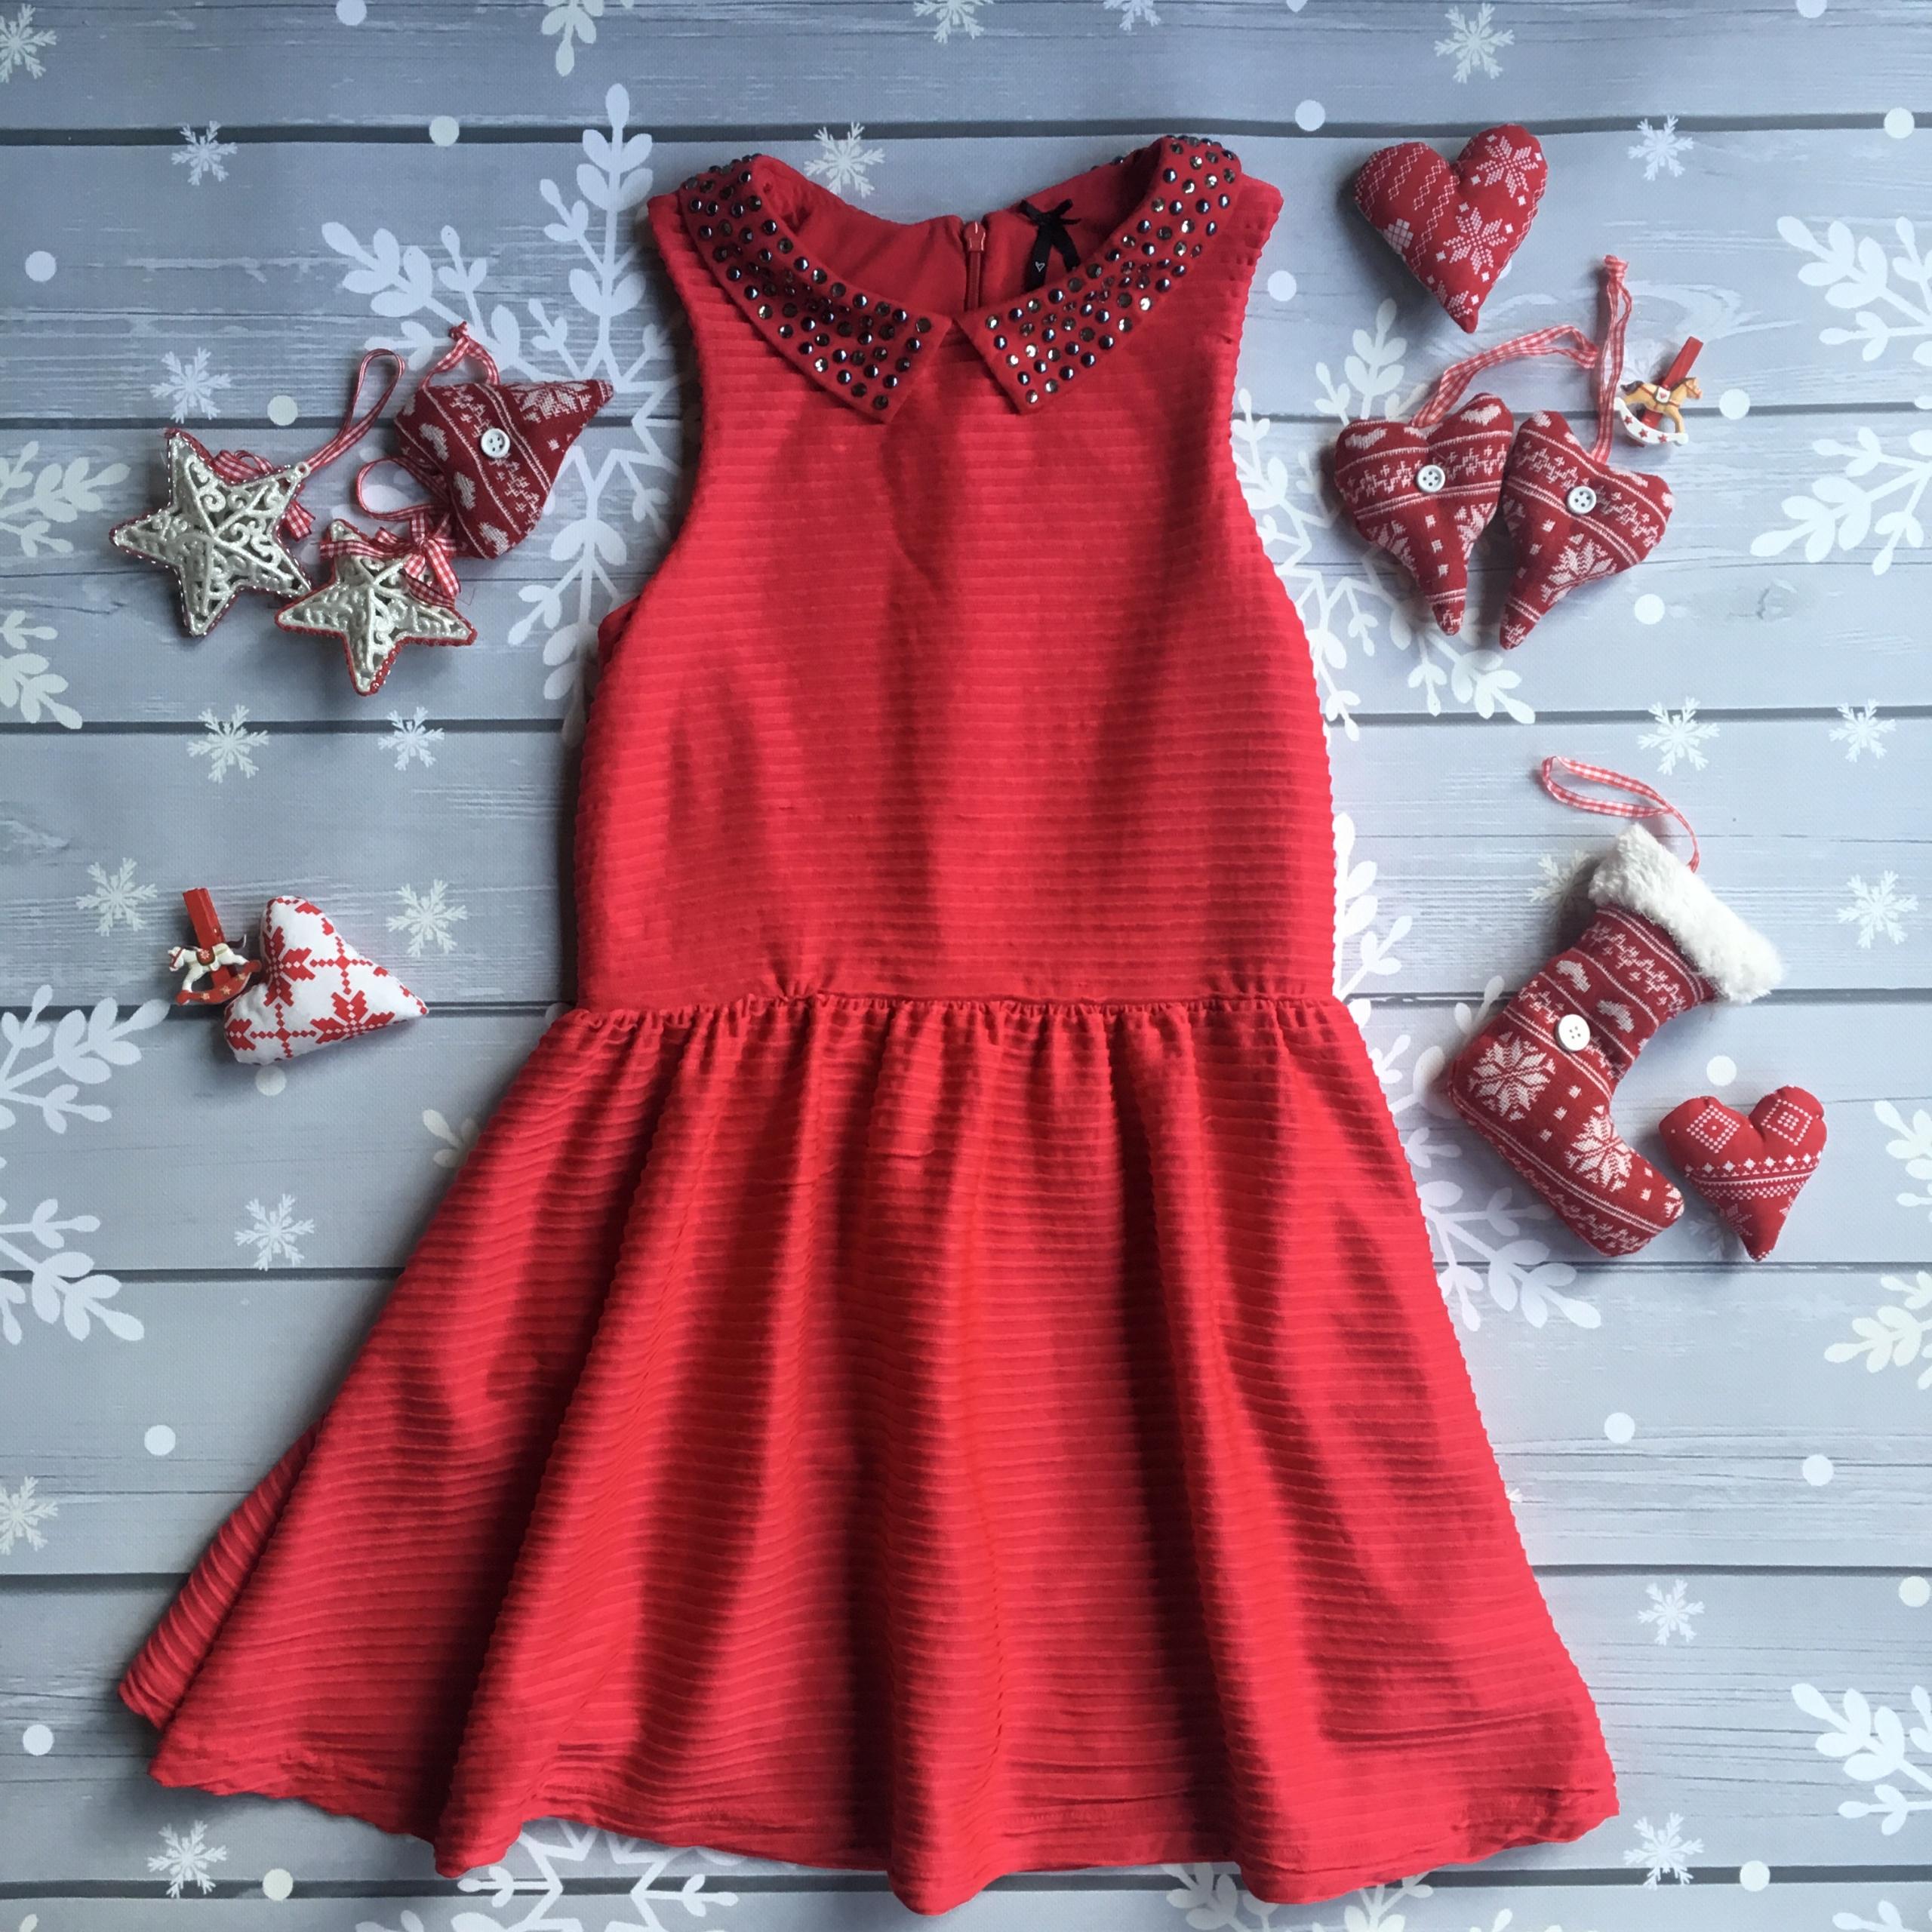 184f01f837 Next czerwona sukienka 134 9-10 lat Święta - 7688376781 - oficjalne ...